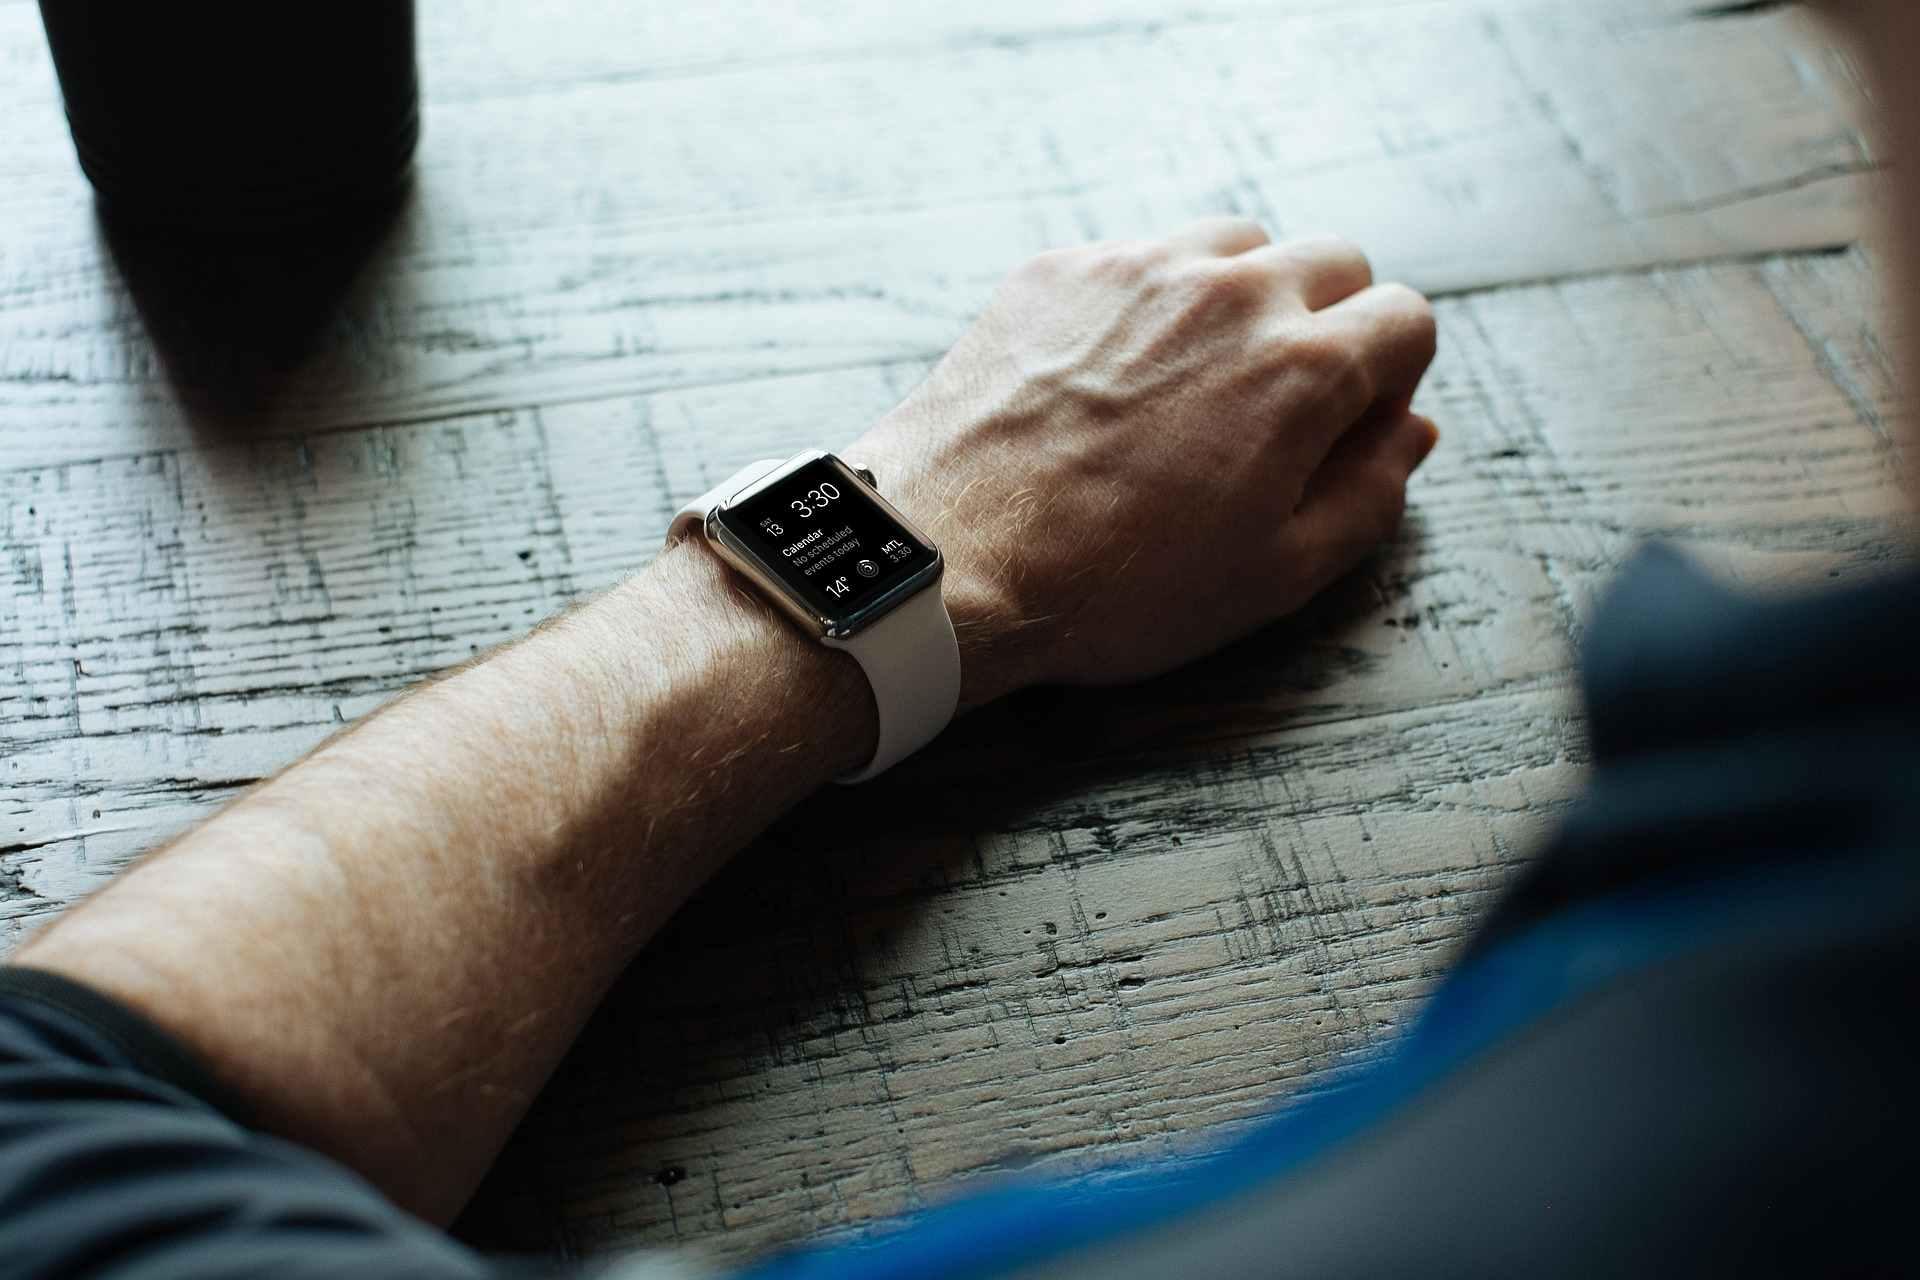 качествени електронни часовници